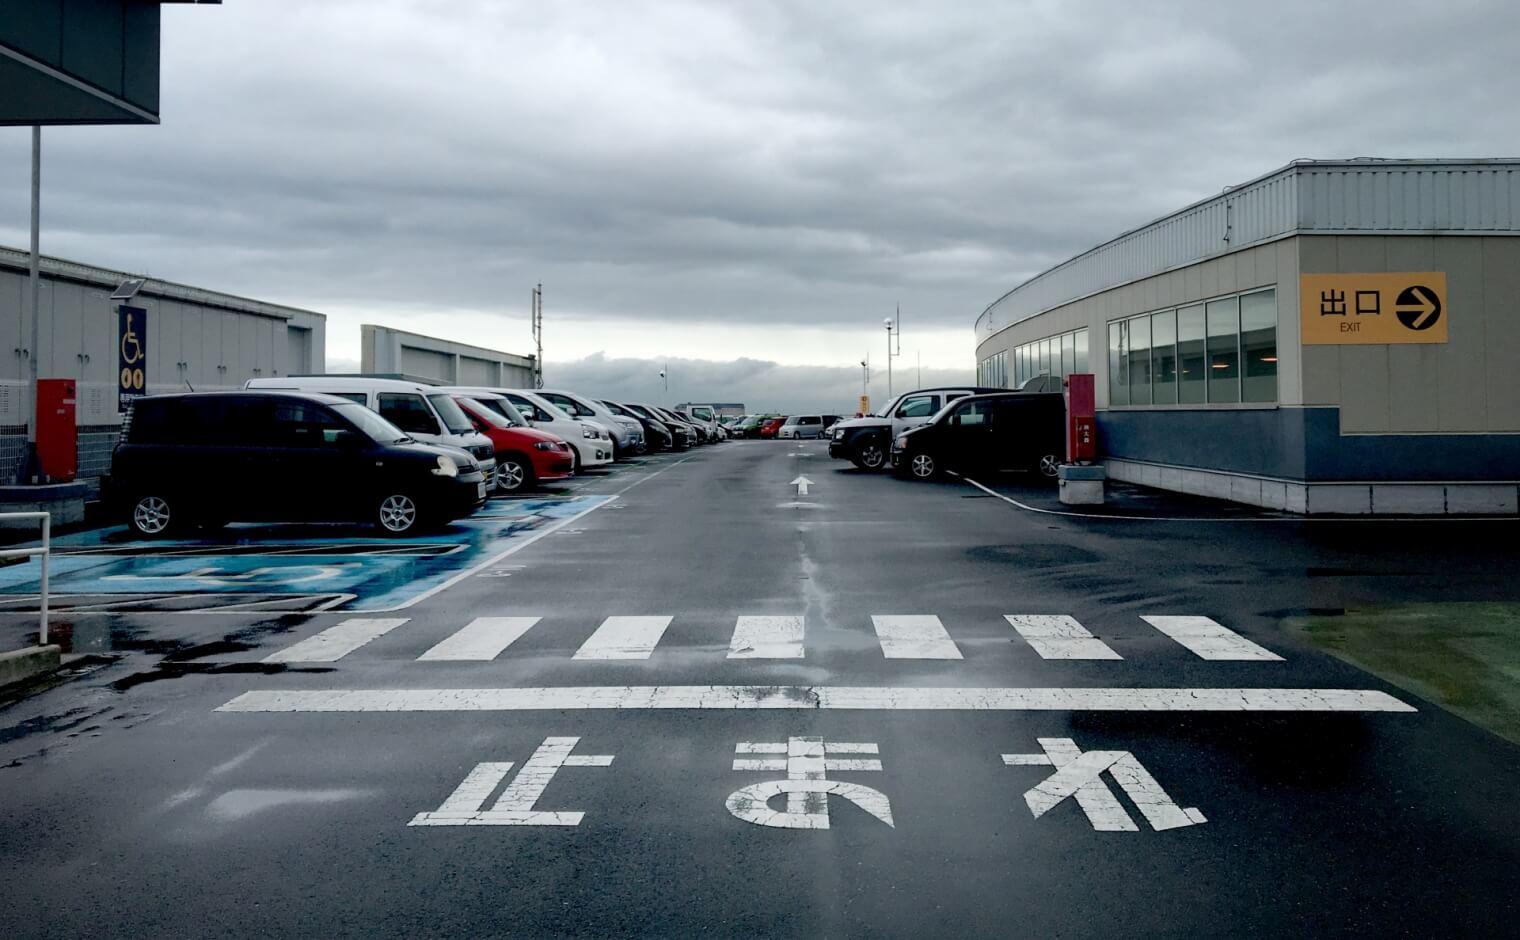 駐車場の止まれ